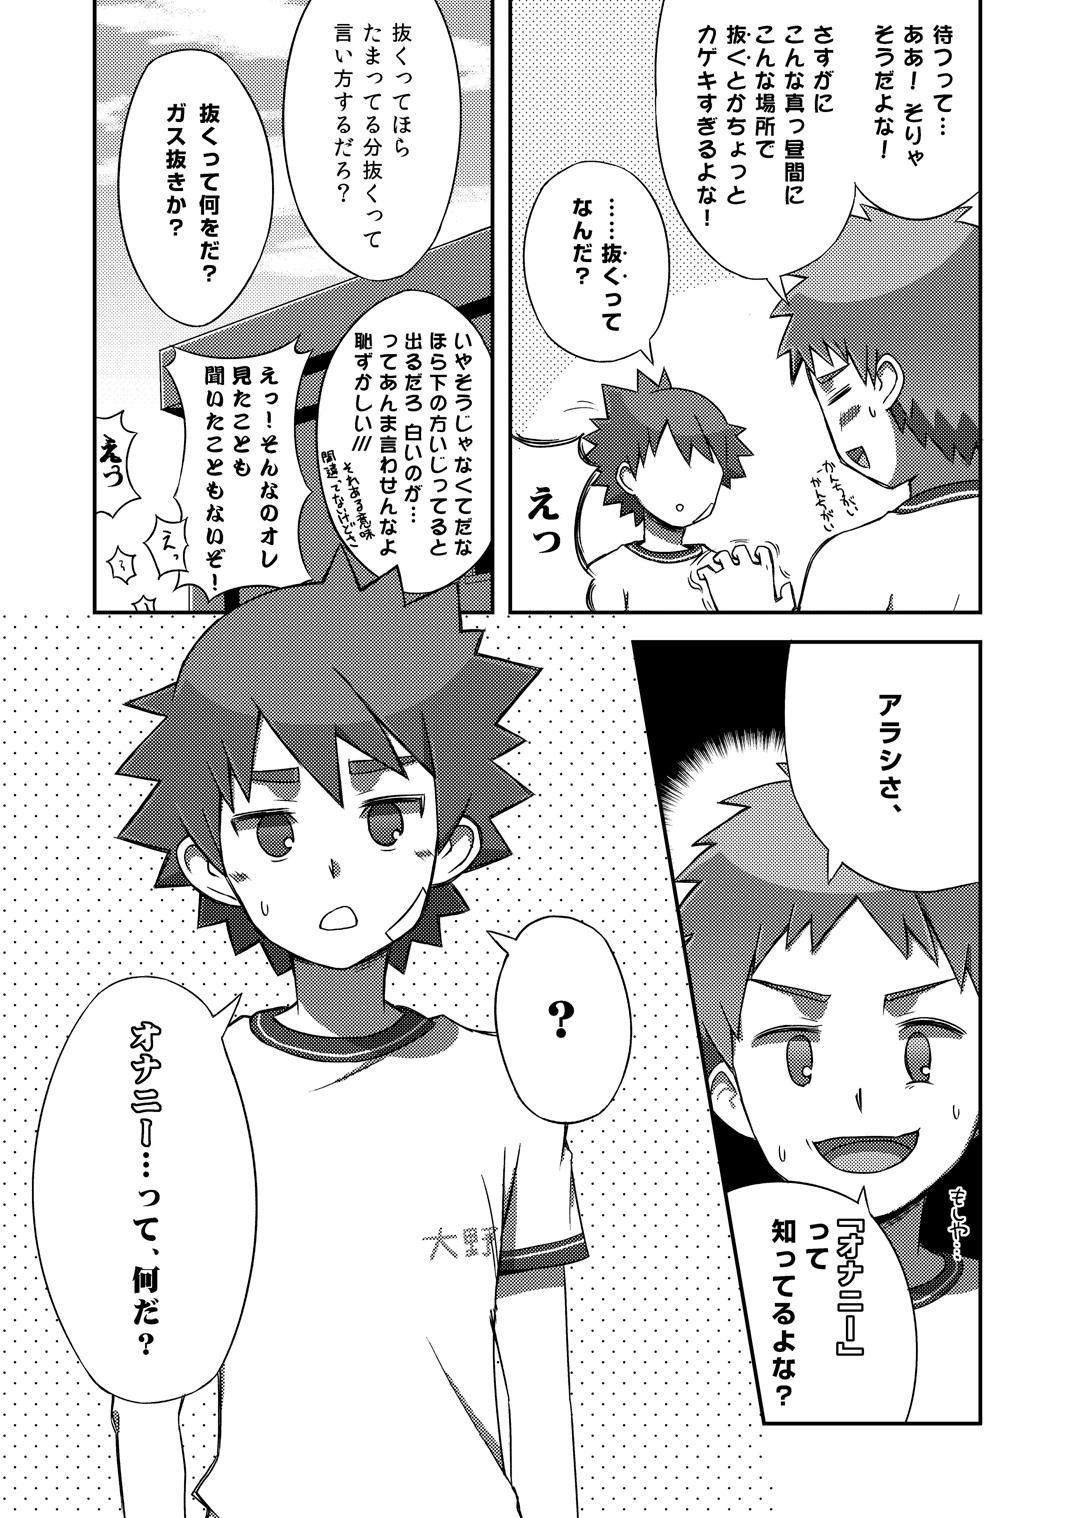 (Shota Scratch 18) [Drum-Kan (Kine)] Arashi-kun to Keiichi-kun. 10